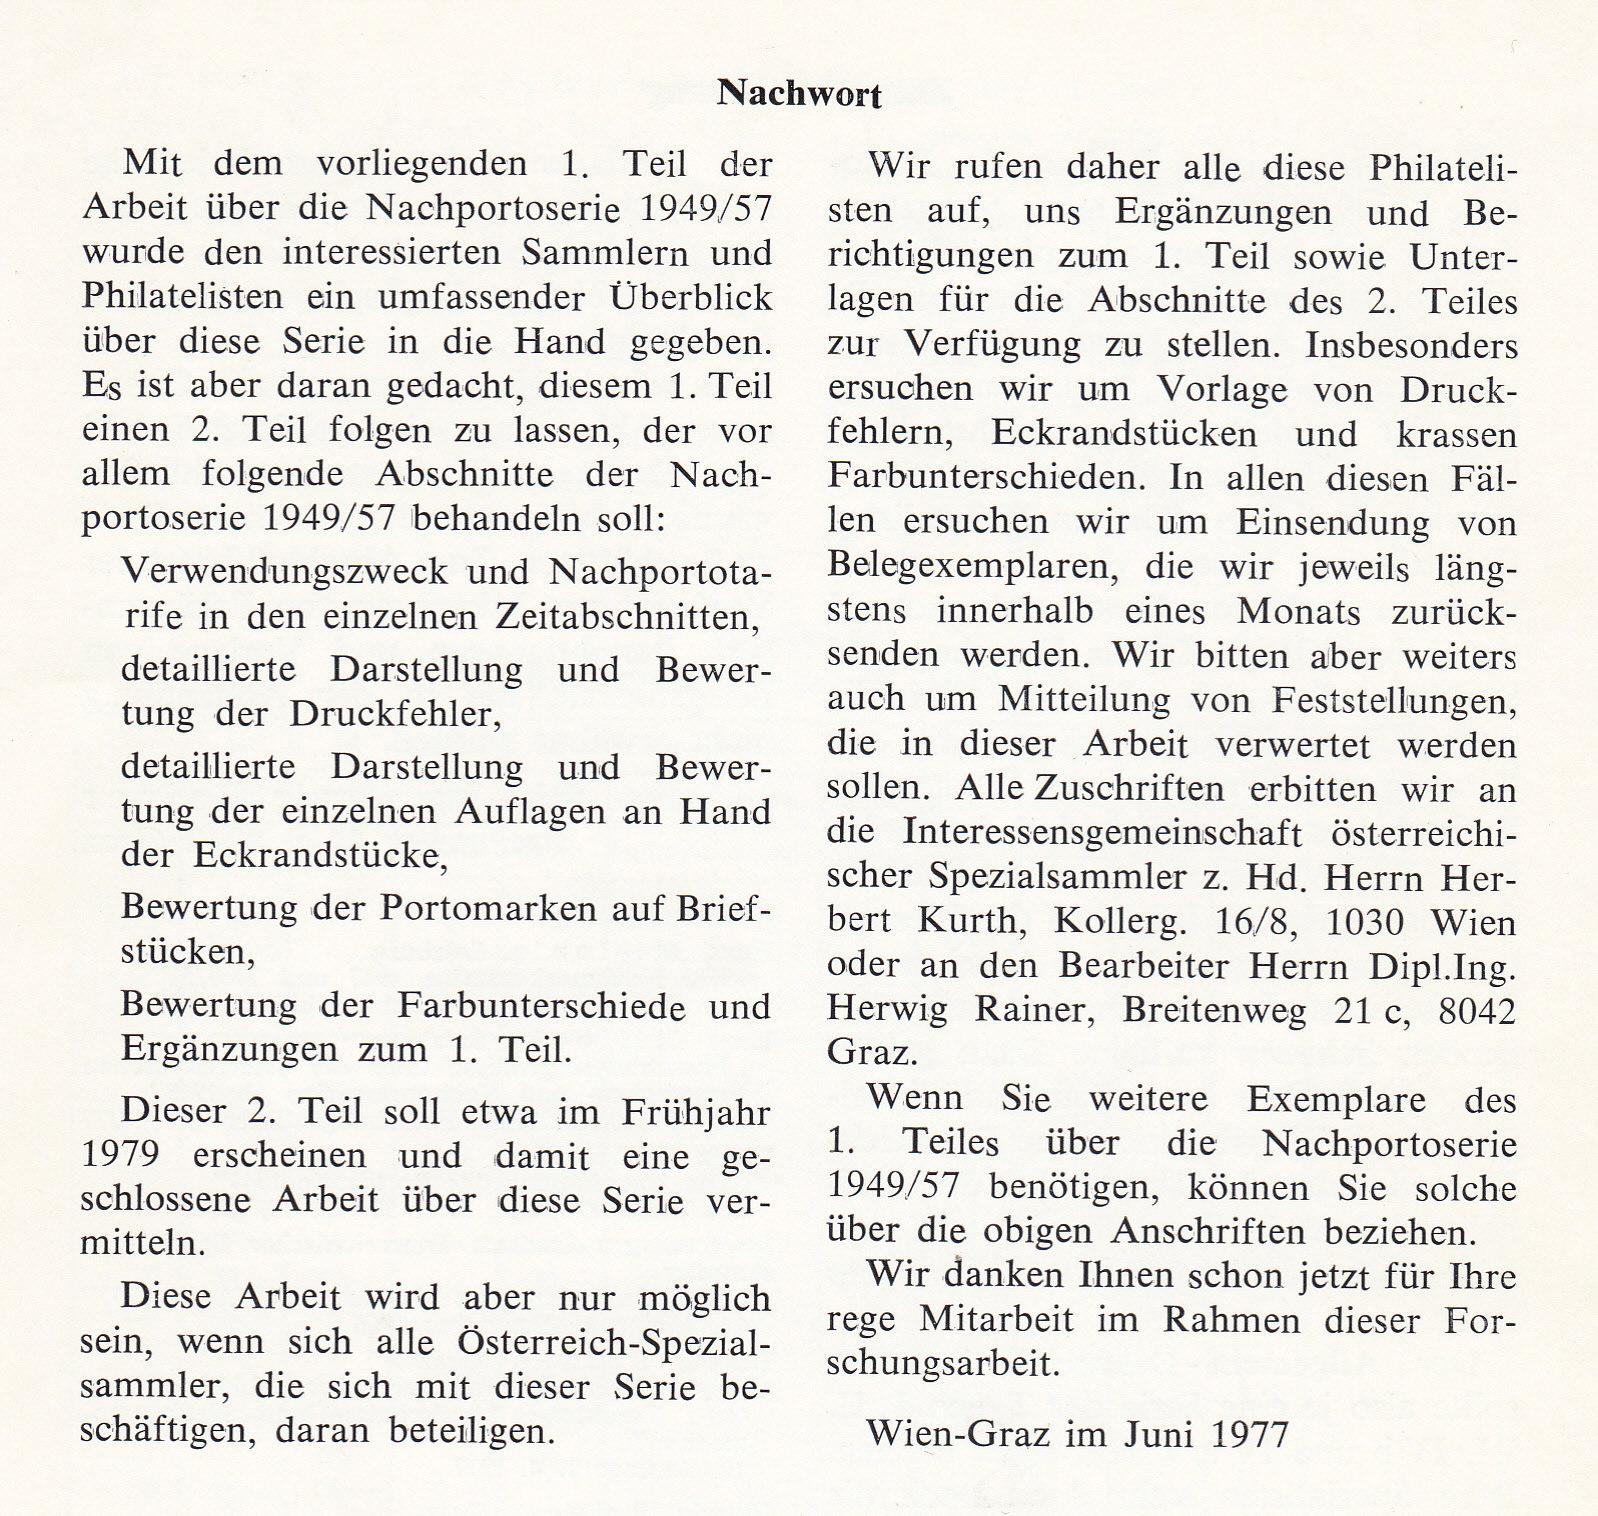 literatur - Literatur zu österreichischen Portomarken Img_0247